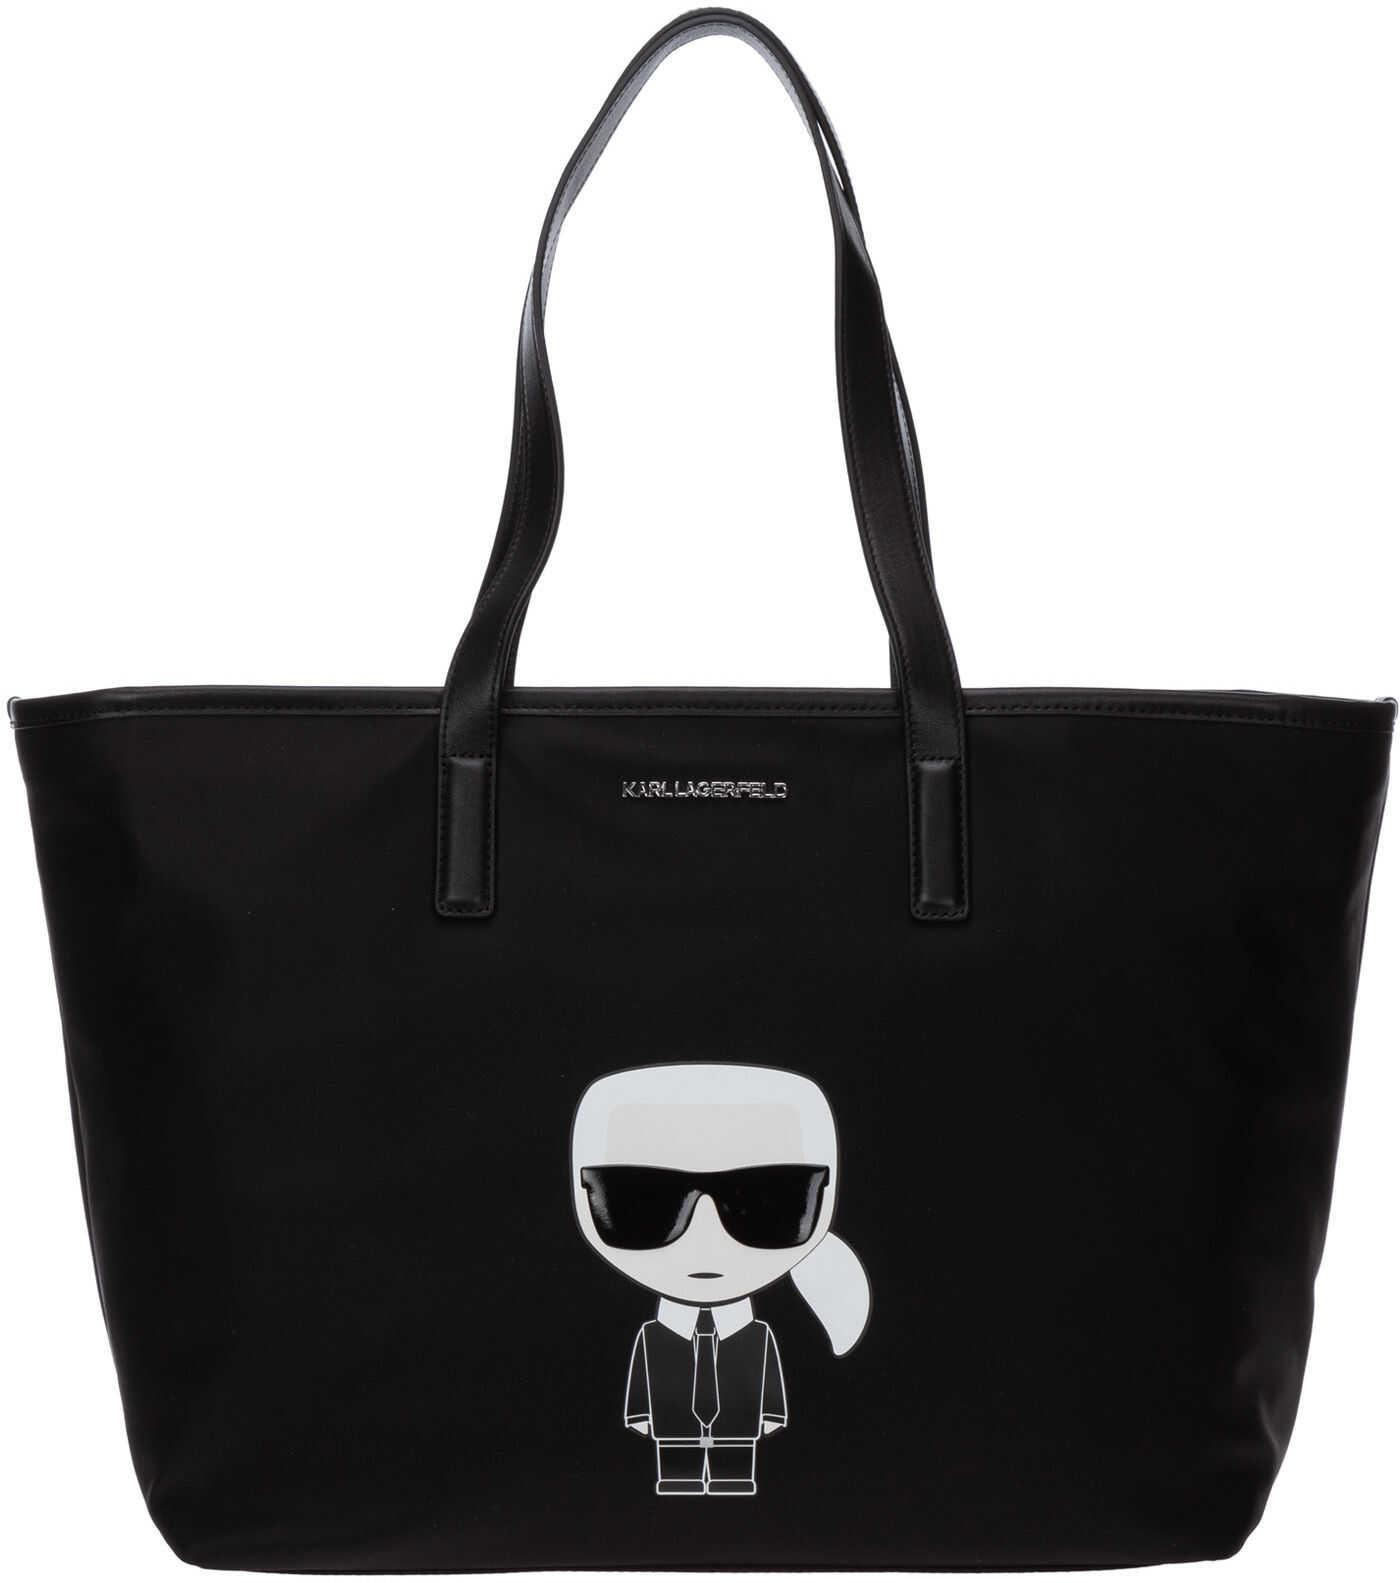 Karl Lagerfeld Handbag Tote Shopping Bag Purse K/Ikonik 20KW201W3089 Black imagine b-mall.ro